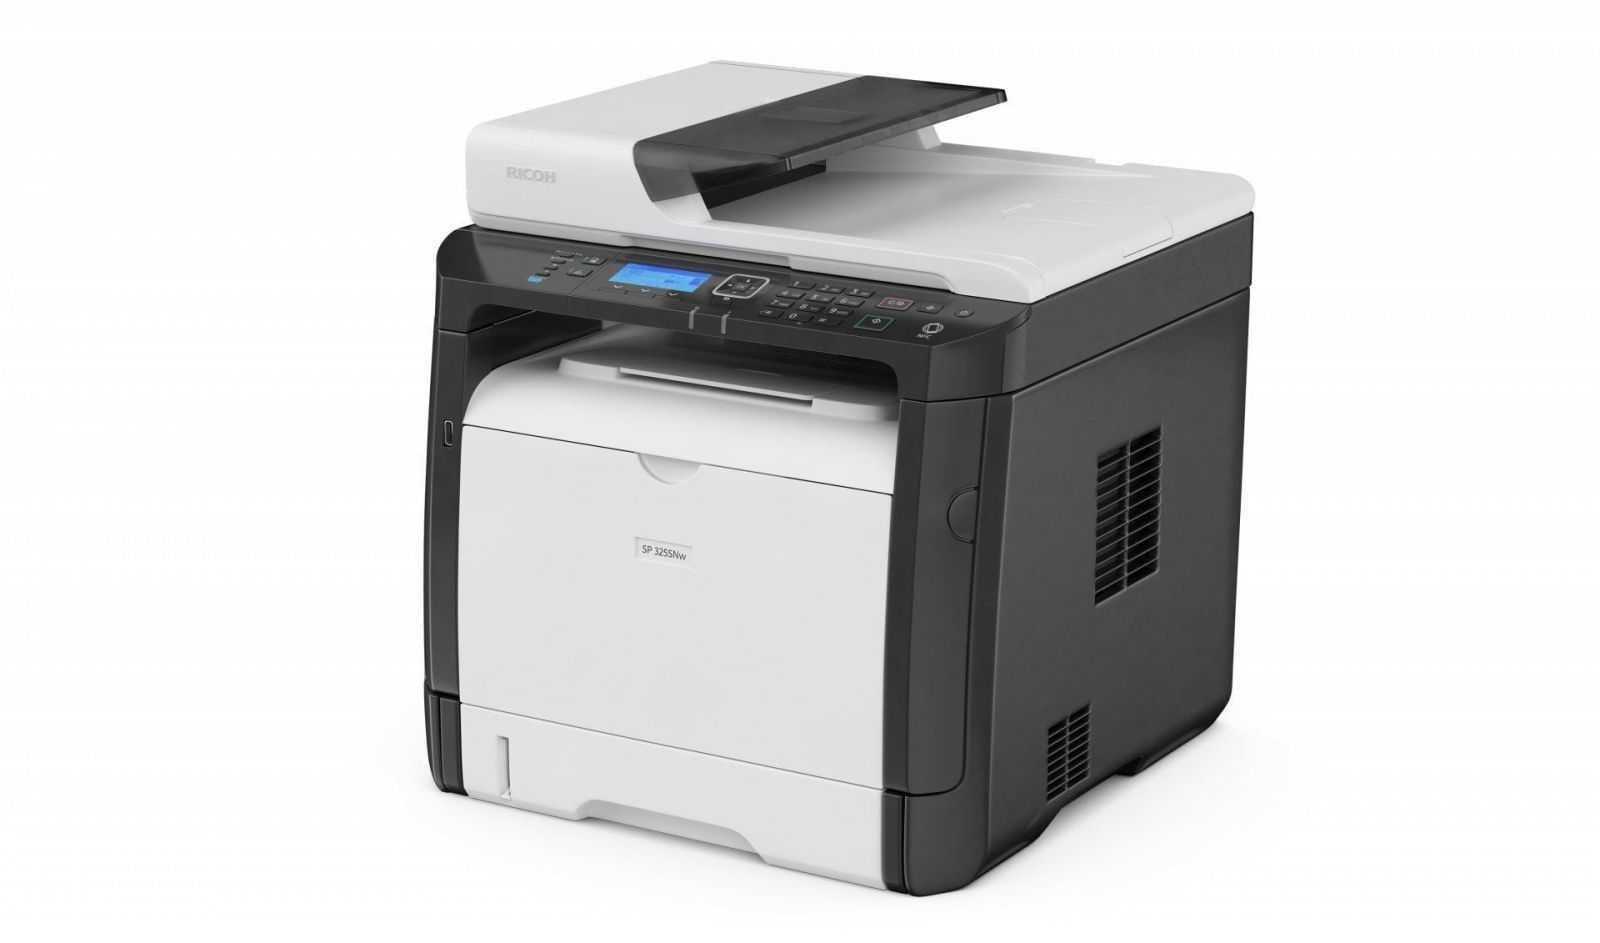 Ricoh представляет на российском рынке новые экономичные принтеры и МФУ (Ricoh sp325SNw)